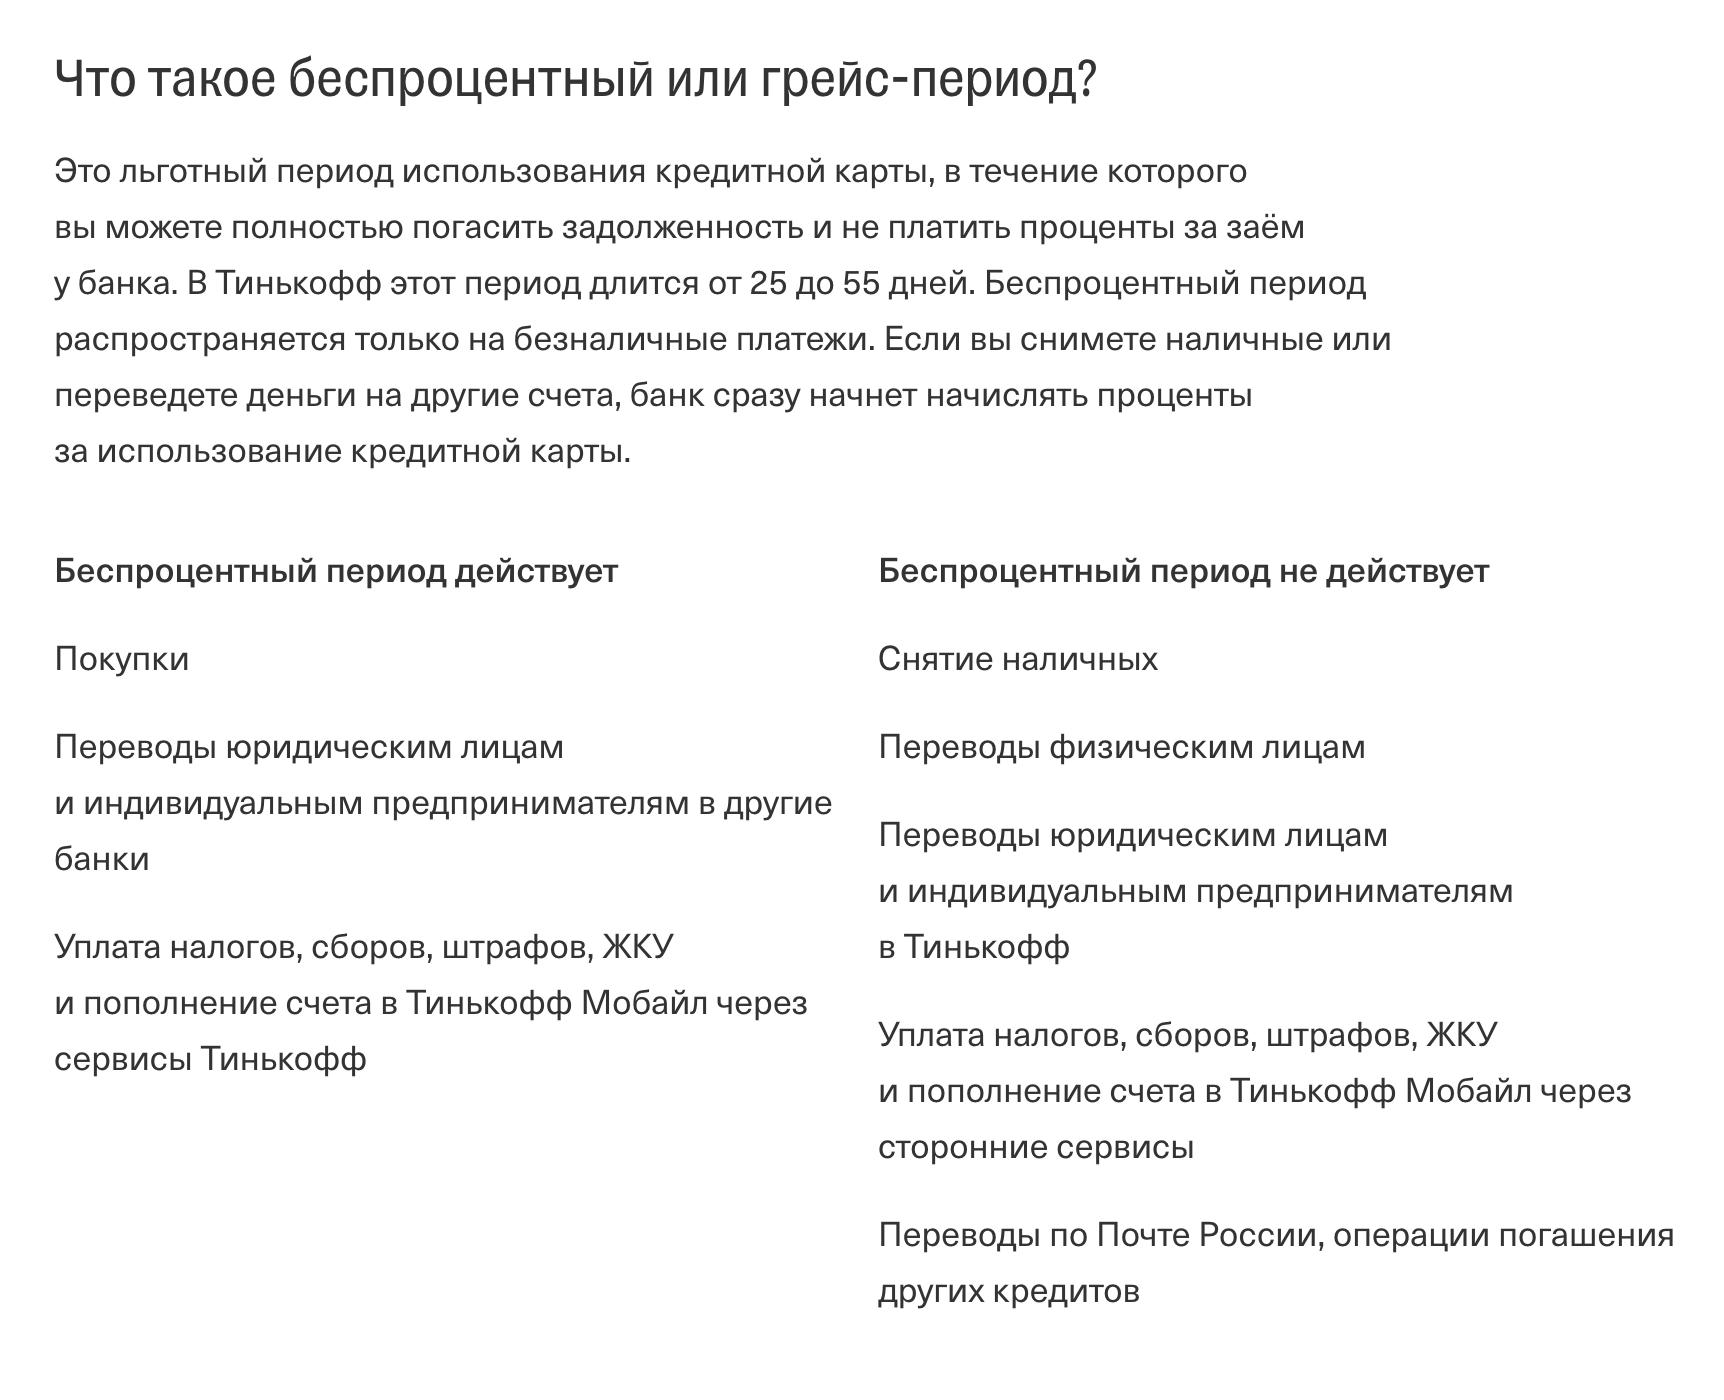 Например, в Тинькофф-банке беспроцентный период распространяется на покупки, но не действует на снятие наличных и переводы физлицам